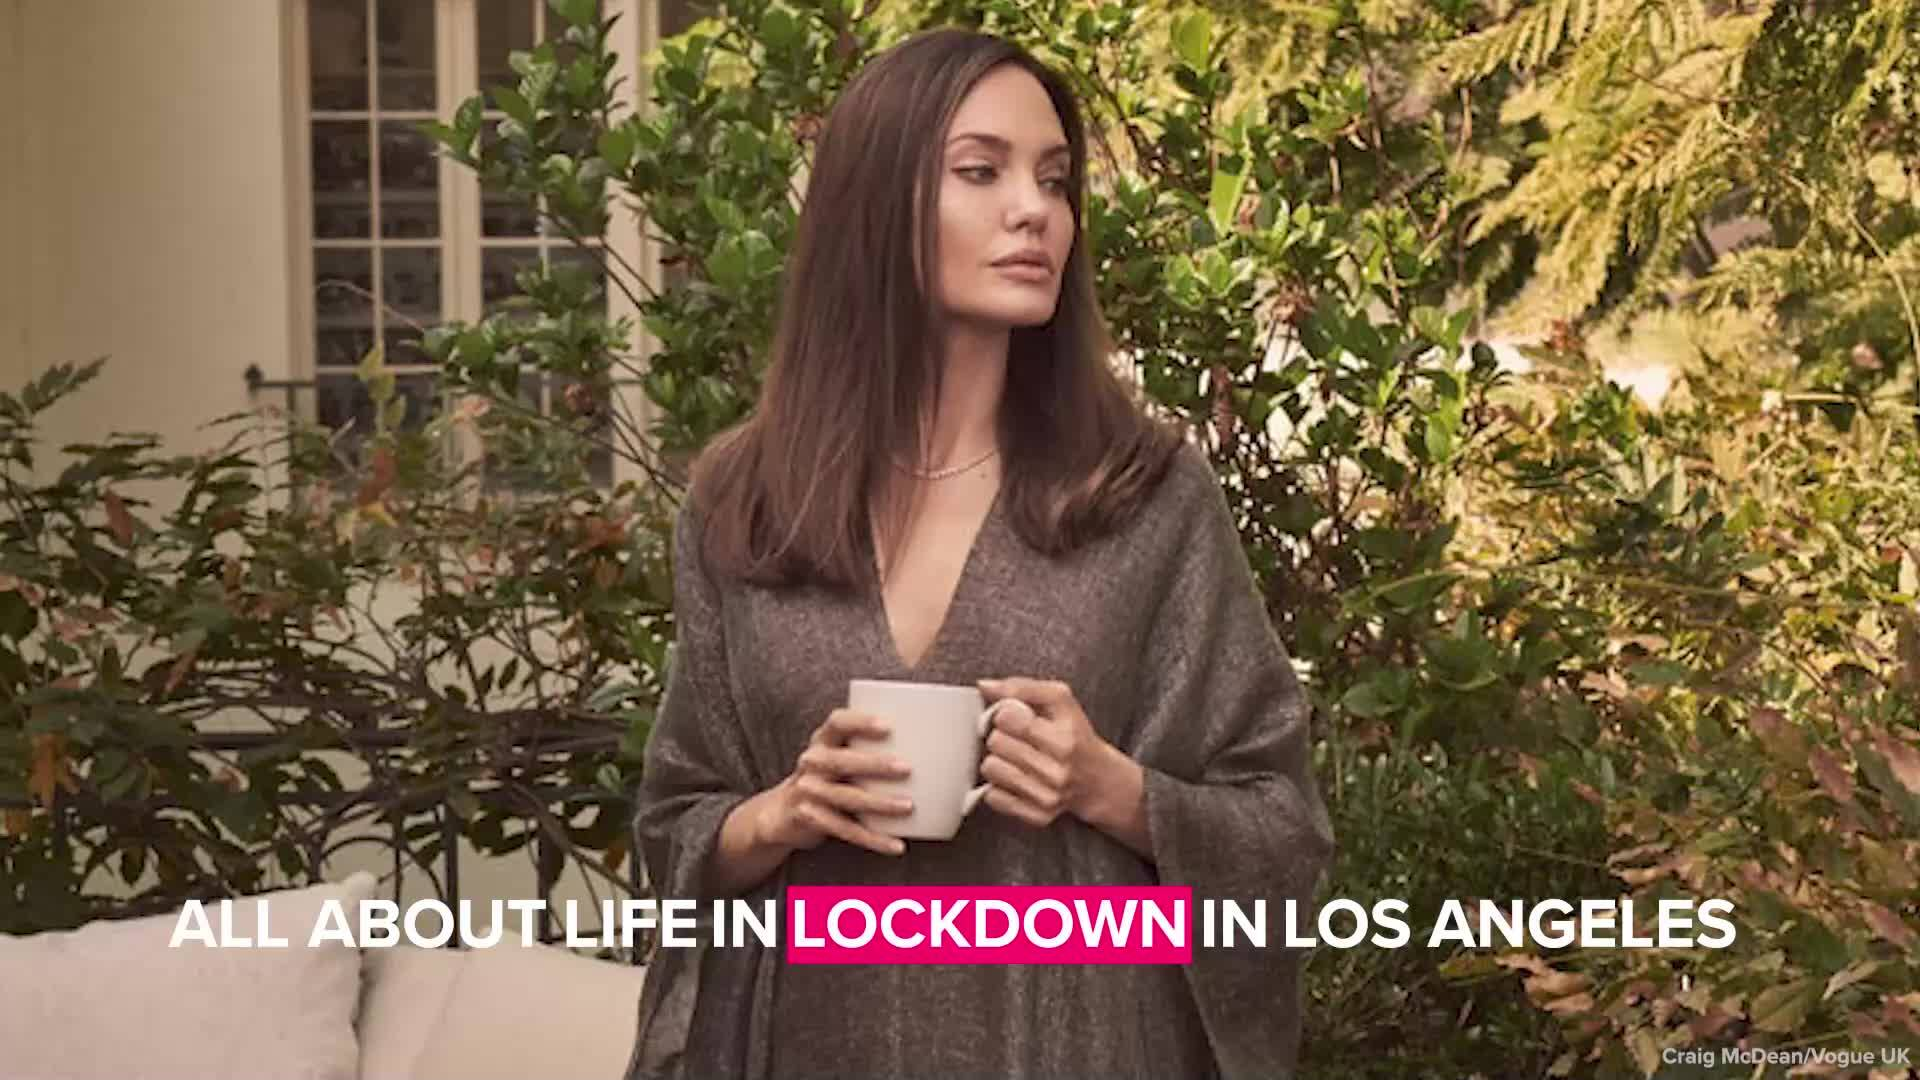 Анджелина Джоли с откровена изповед пред британския Vogue